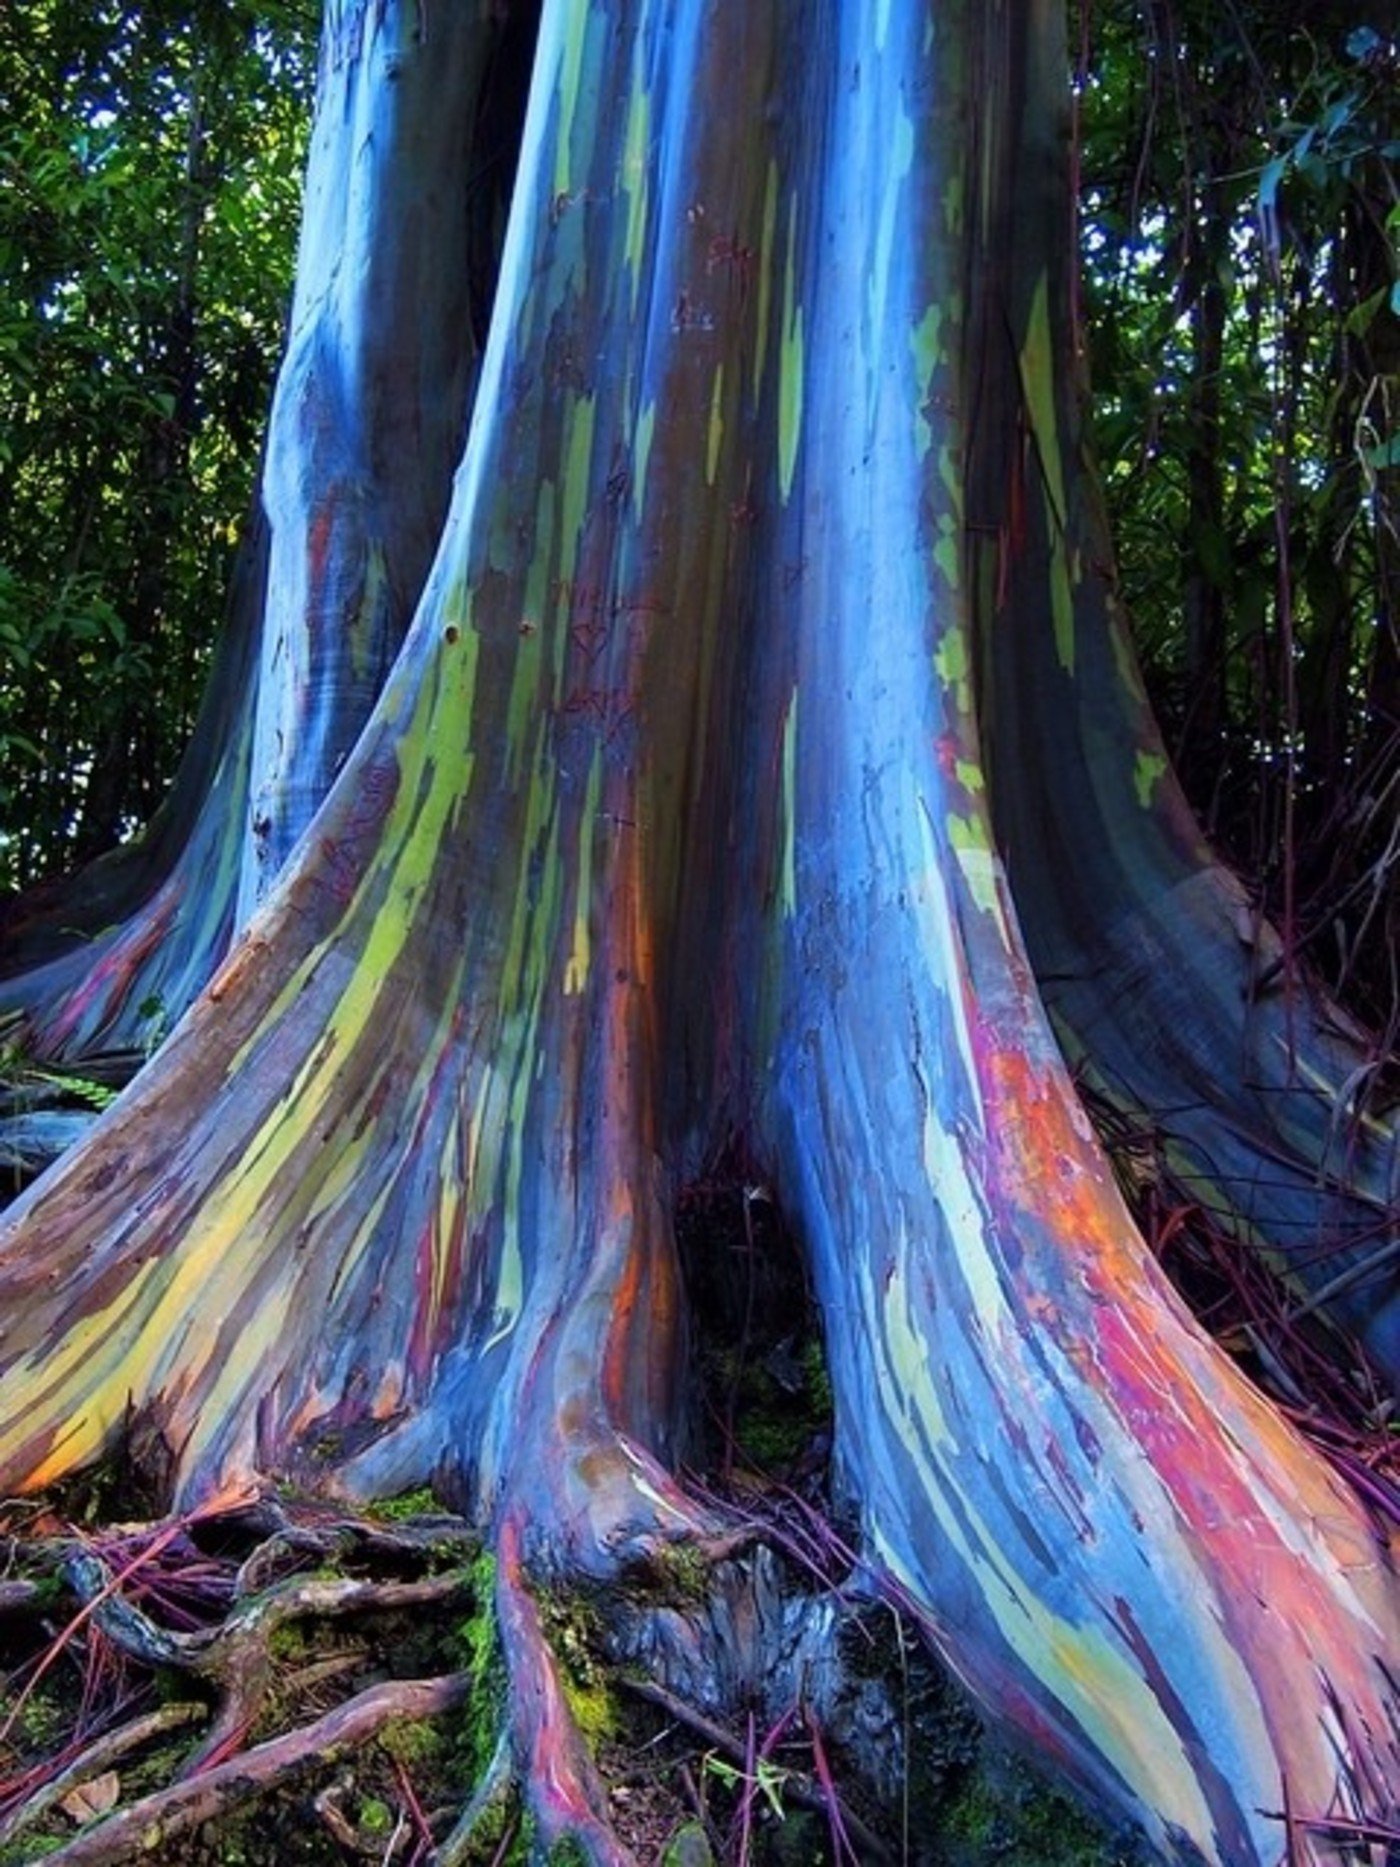 Rainbow Eucalyptus Trees, Maui, Hawaii, USA by Myla Kent • Findery